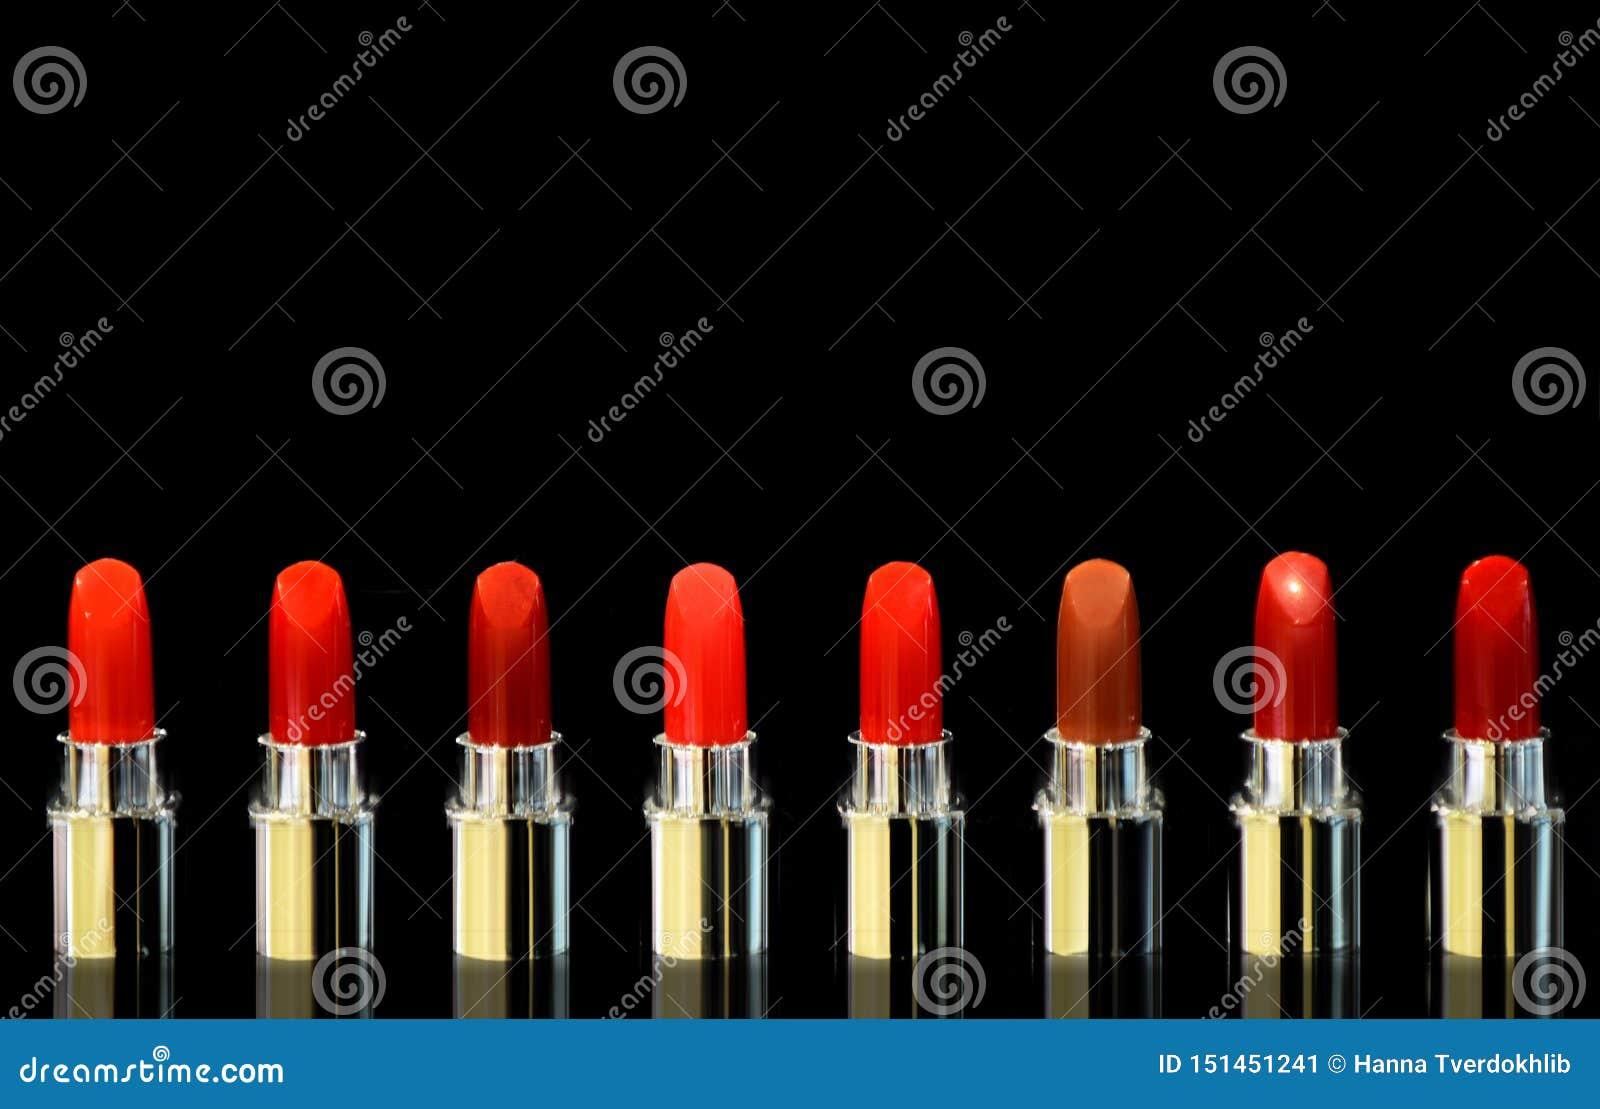 Tiro de batons vermelhos da cor diferente No fundo preto Conceito dos cosm?ticos Elevação moderna luxuosa bonita